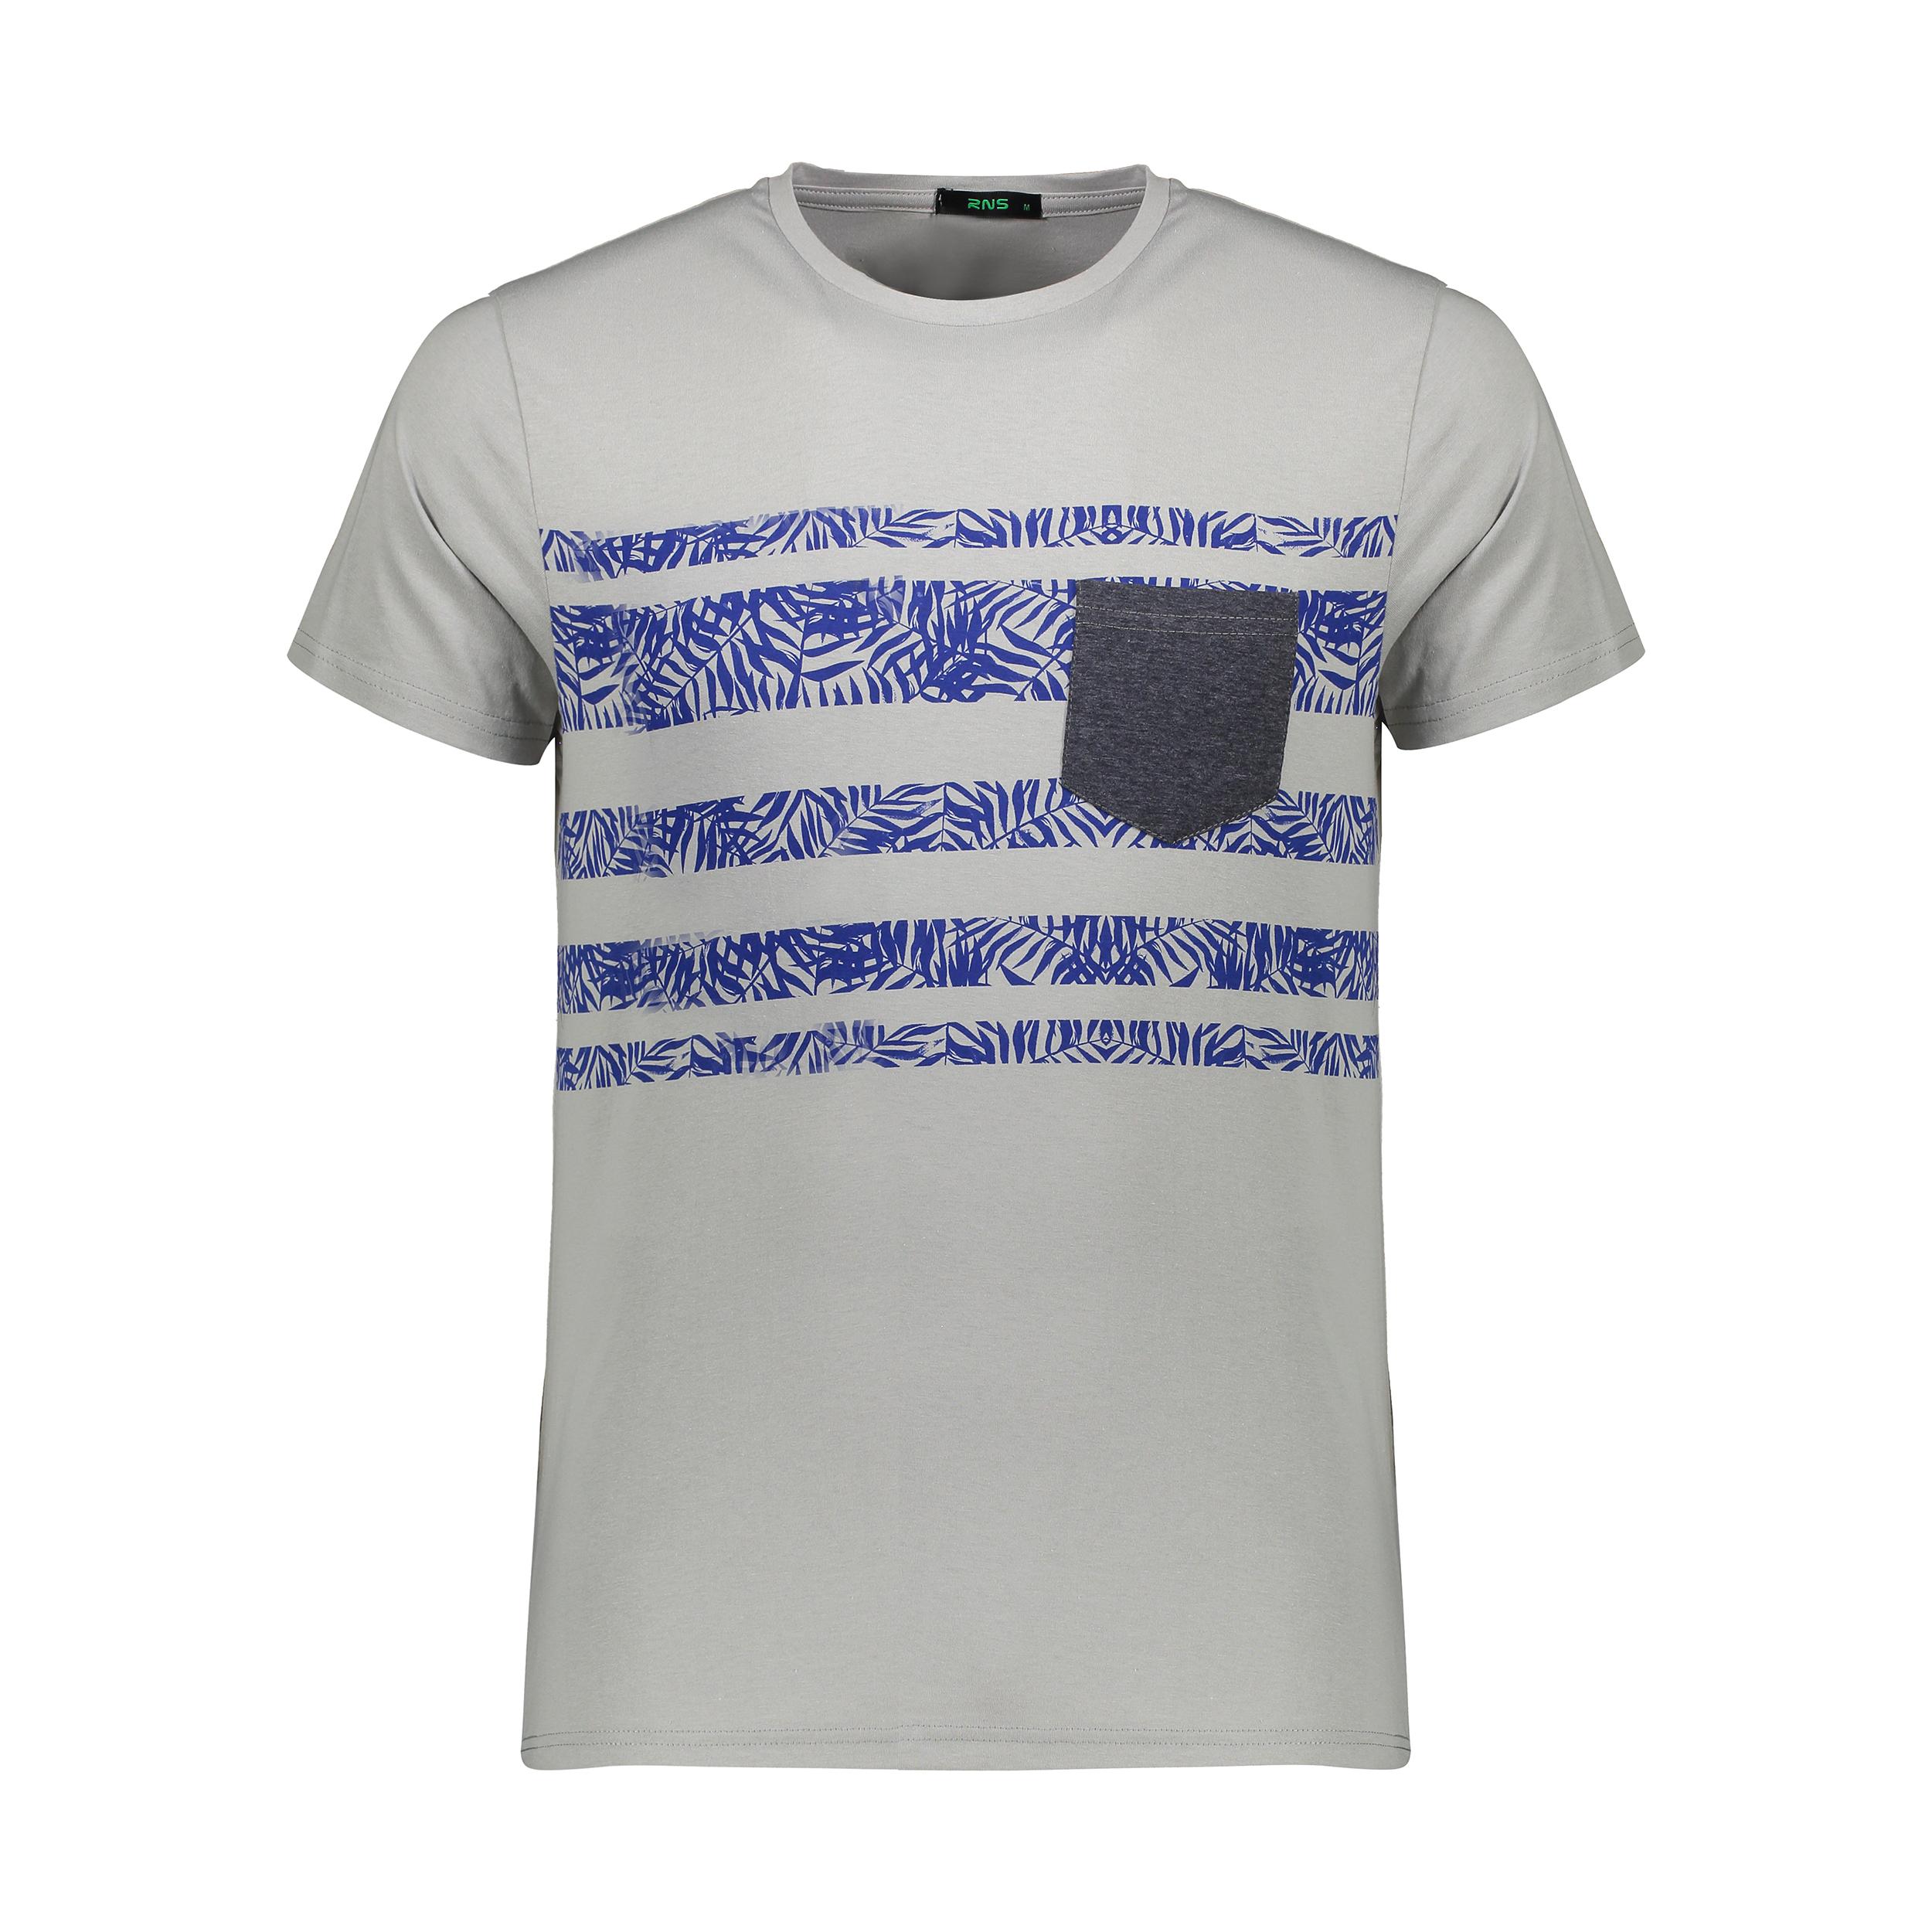 تی شرت مردانه آر ان اس مدل 1131127-93